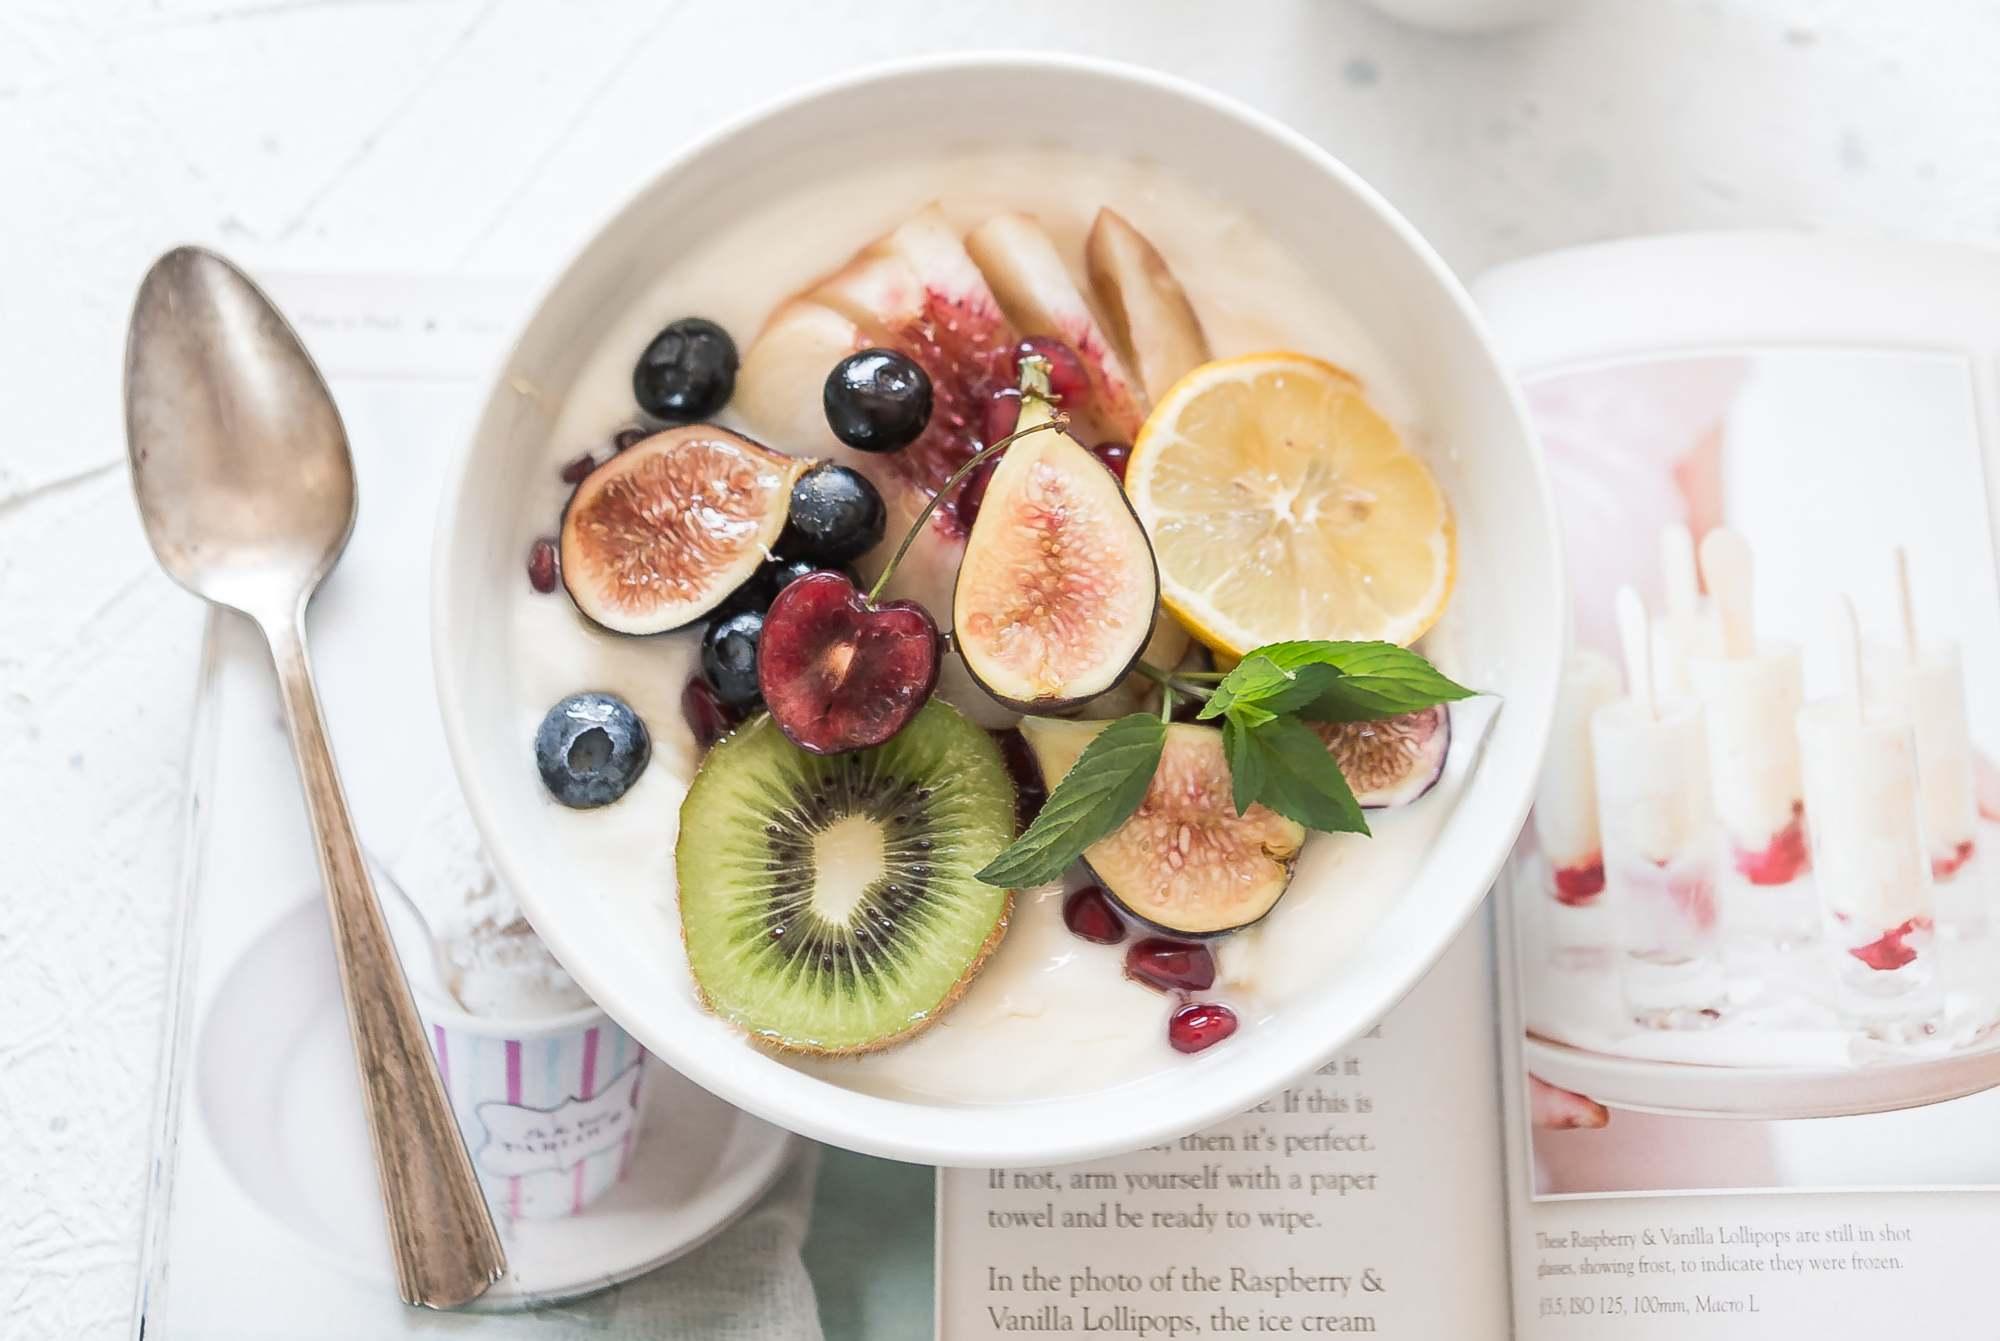 Gesunde Ernährung hilft bei der Entwicklung von Ideen in Zeiten von Corona